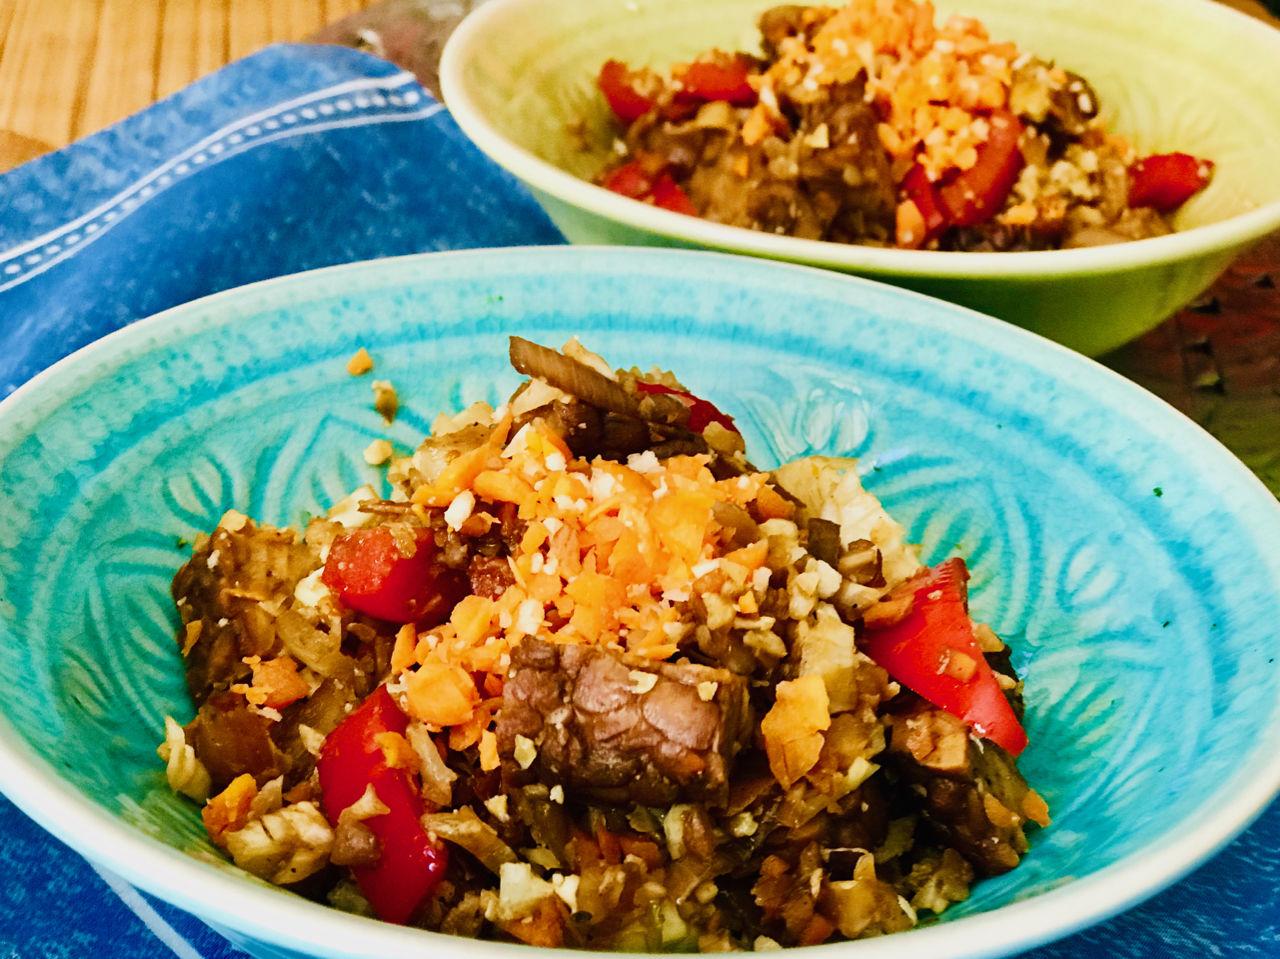 Uzený tempeh skvětákovou rýží, recepty podle Metabolic Balance